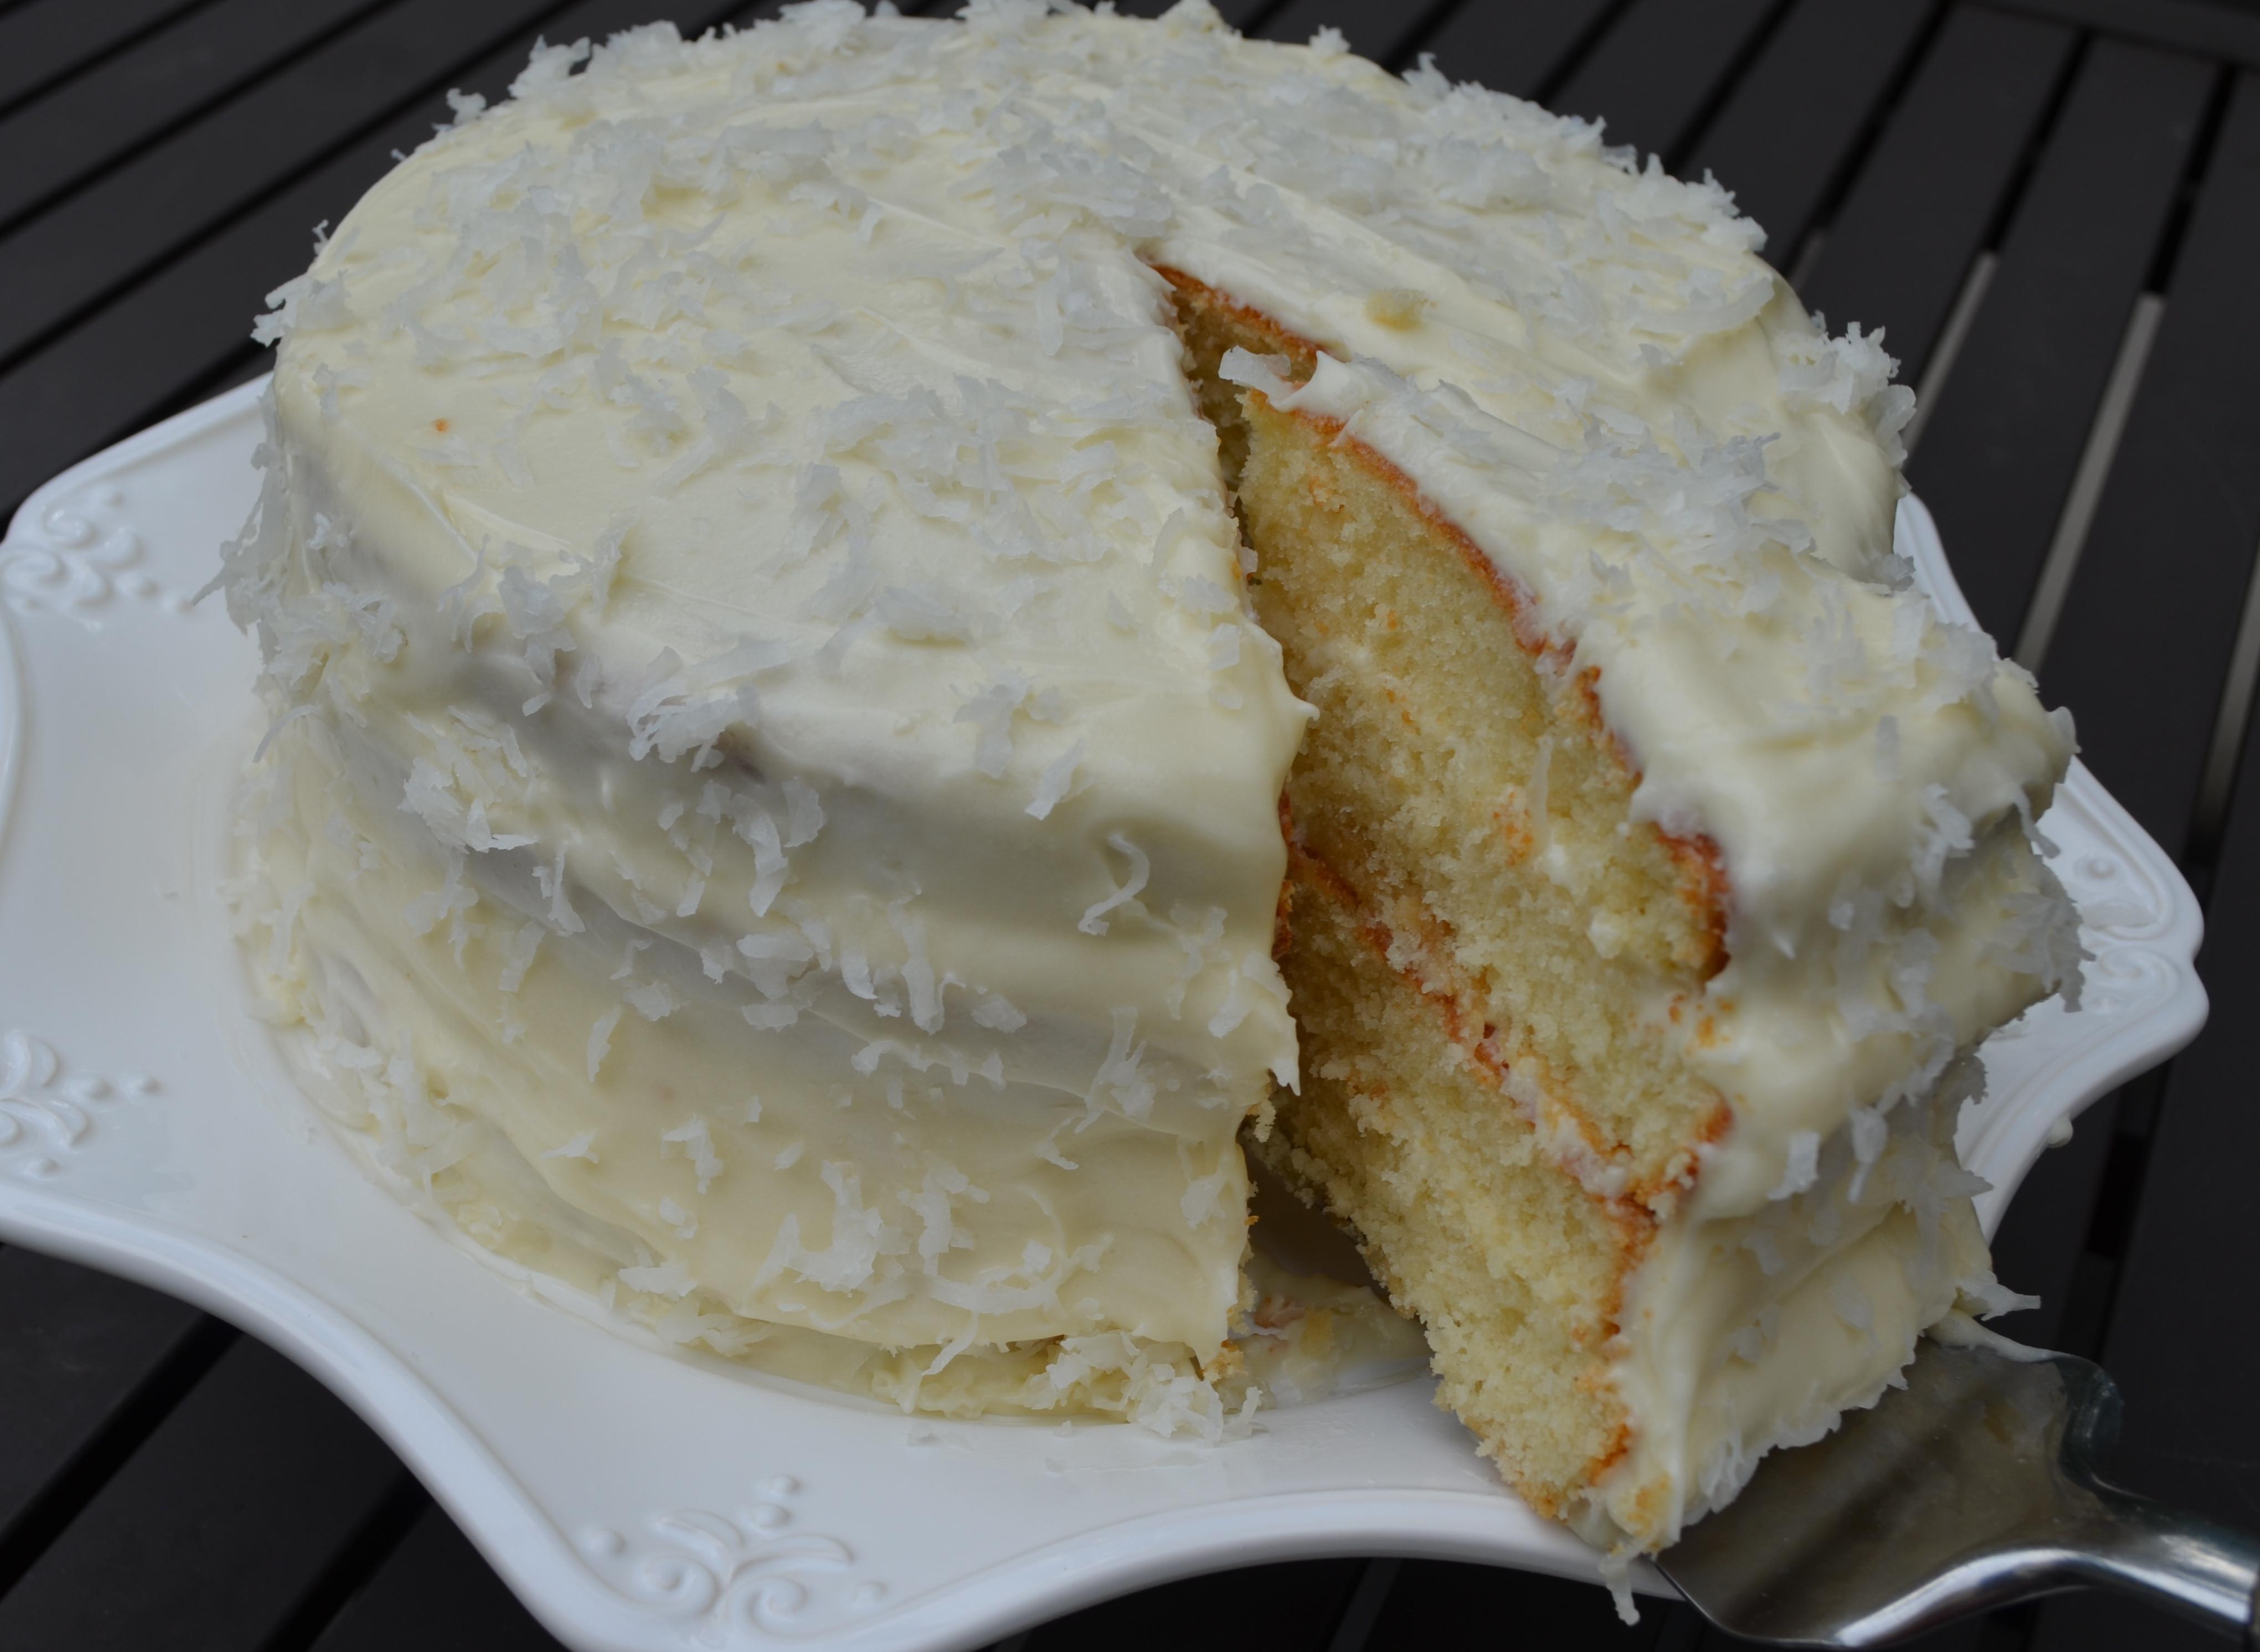 Gluten Free Coconut Cake  Gluten Free Coconut Layer Cake Recipe — Dishmaps